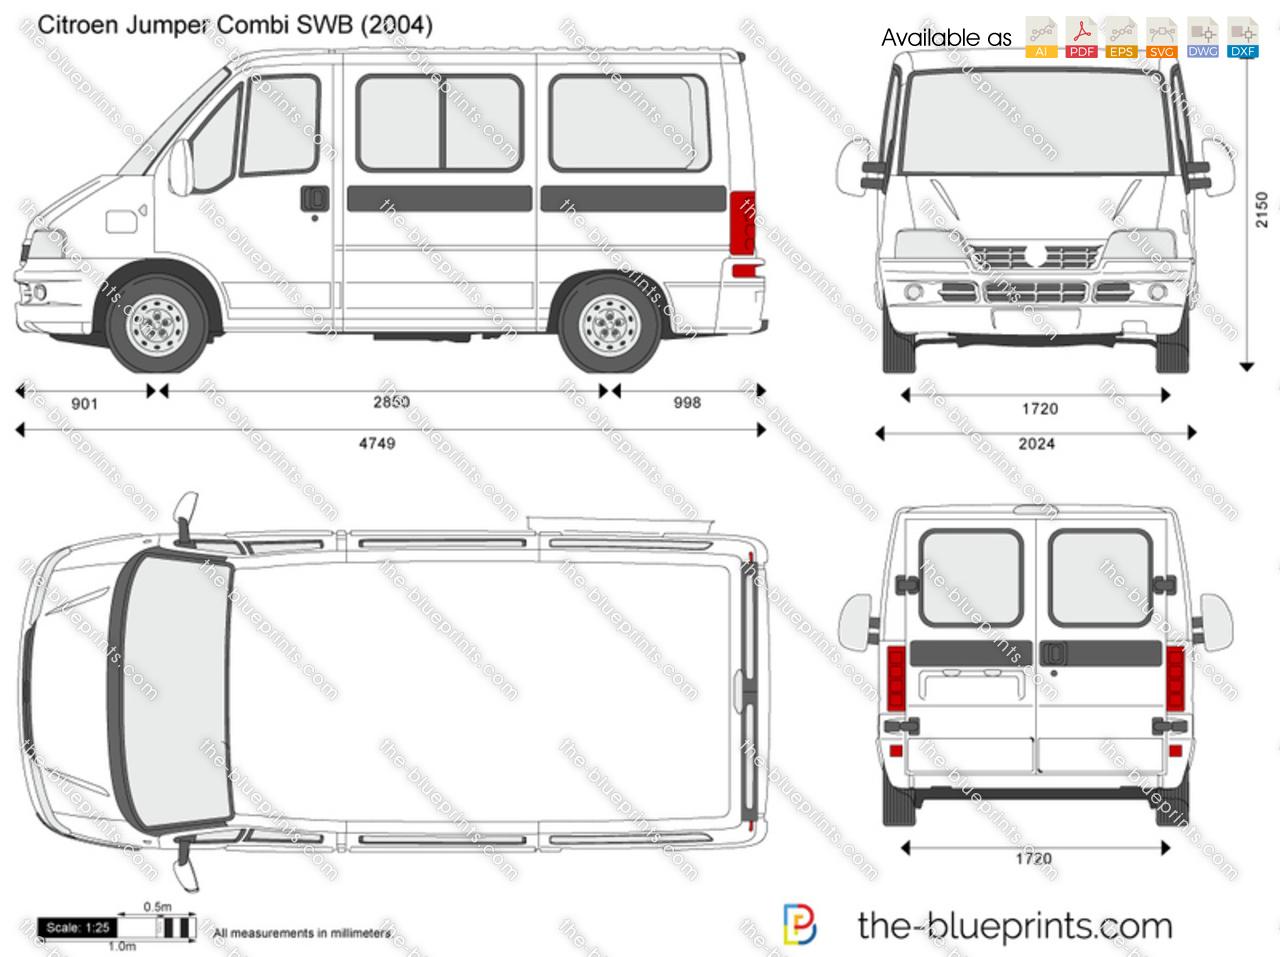 Citroen Jumper Combi SWB vector drawing